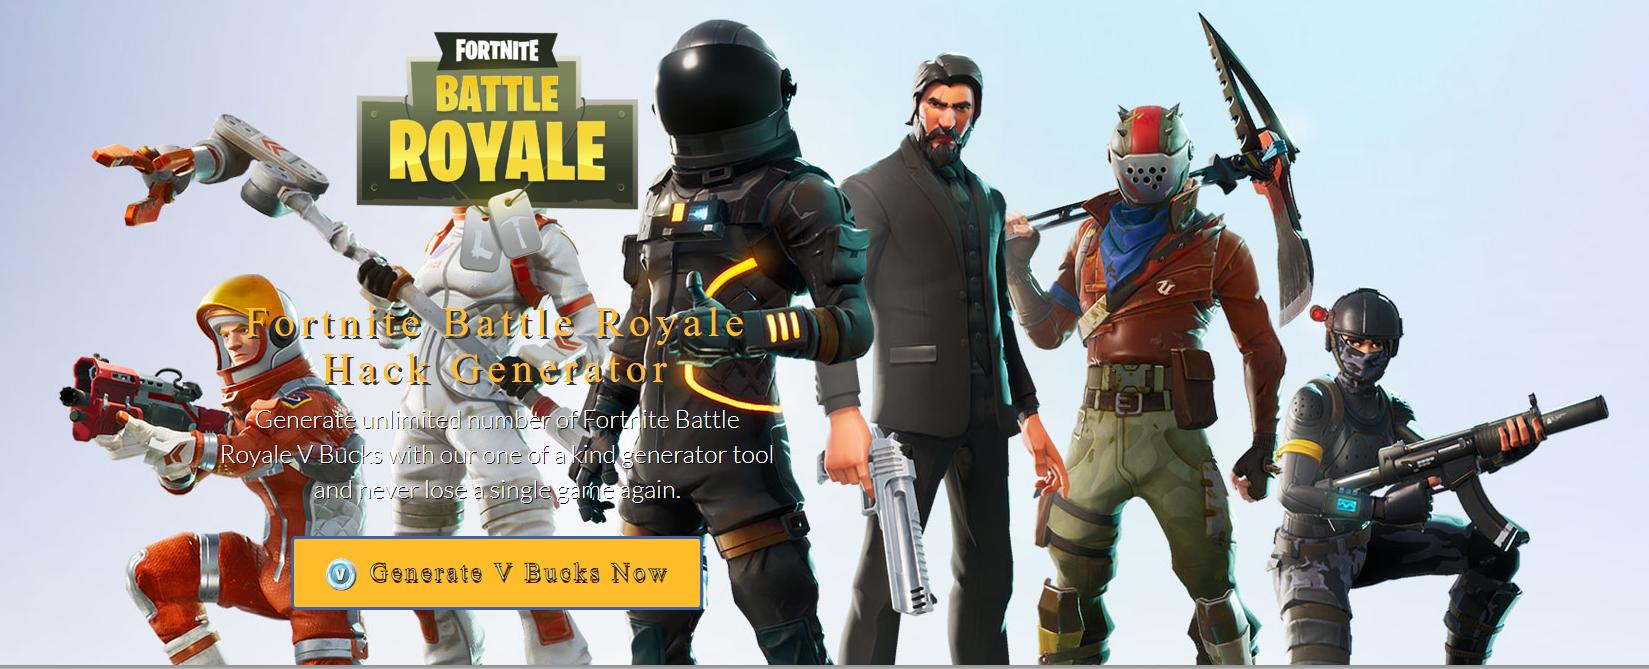 FREE! Fortnite Battle Royale Hack No Survey Online Generator for